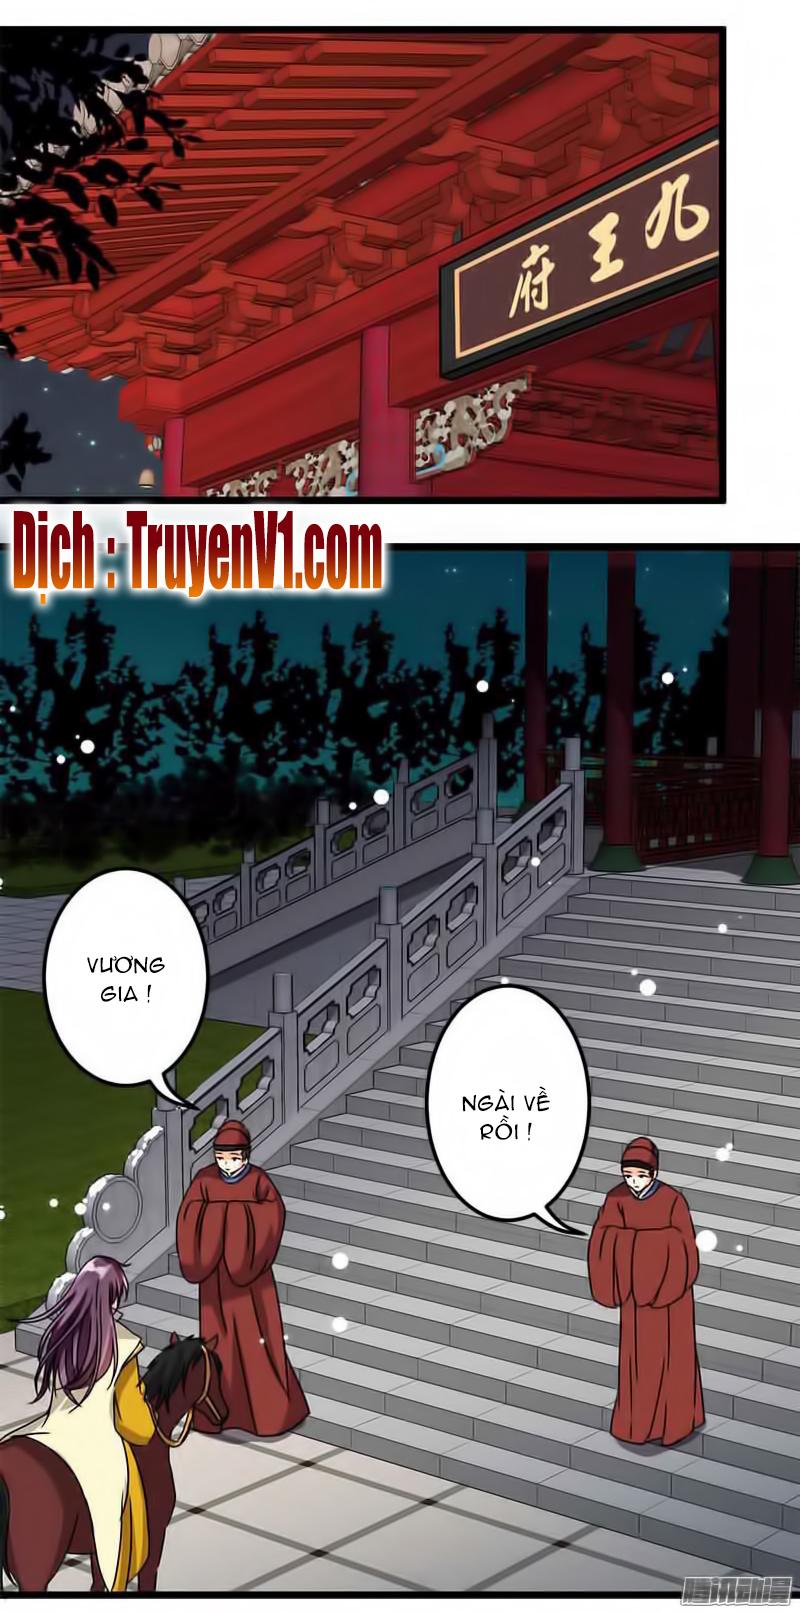 Vương Gia ! Ngươi Thật Bỉ Ổi ! chap 48 - Trang 13